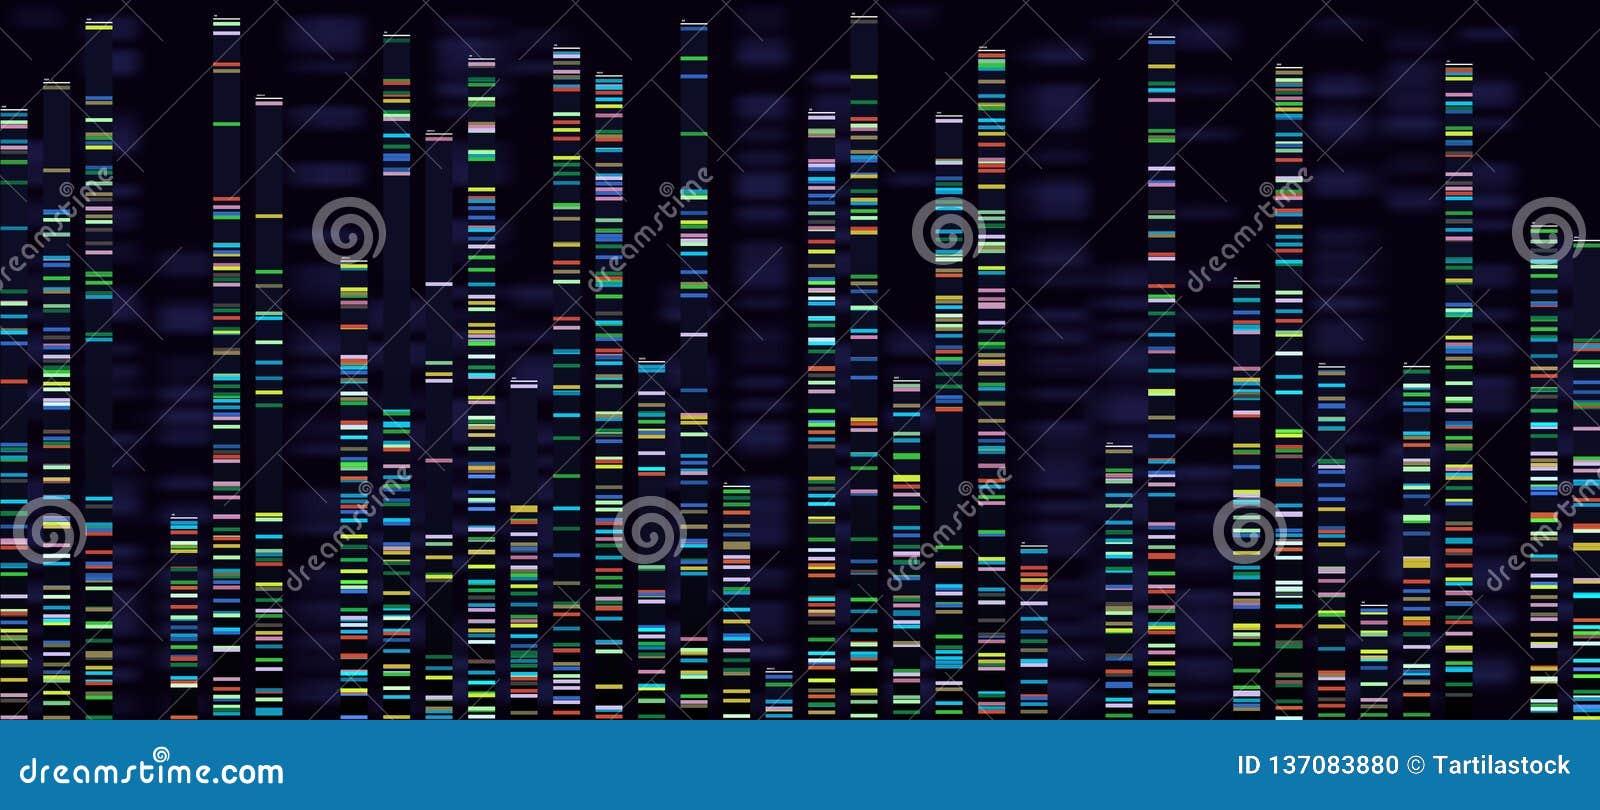 De visualisatie van de Genomicanalyse DNA-de genomen, deoxyribonucleic zure genetische kaart en de genoomopeenvolging die analyse